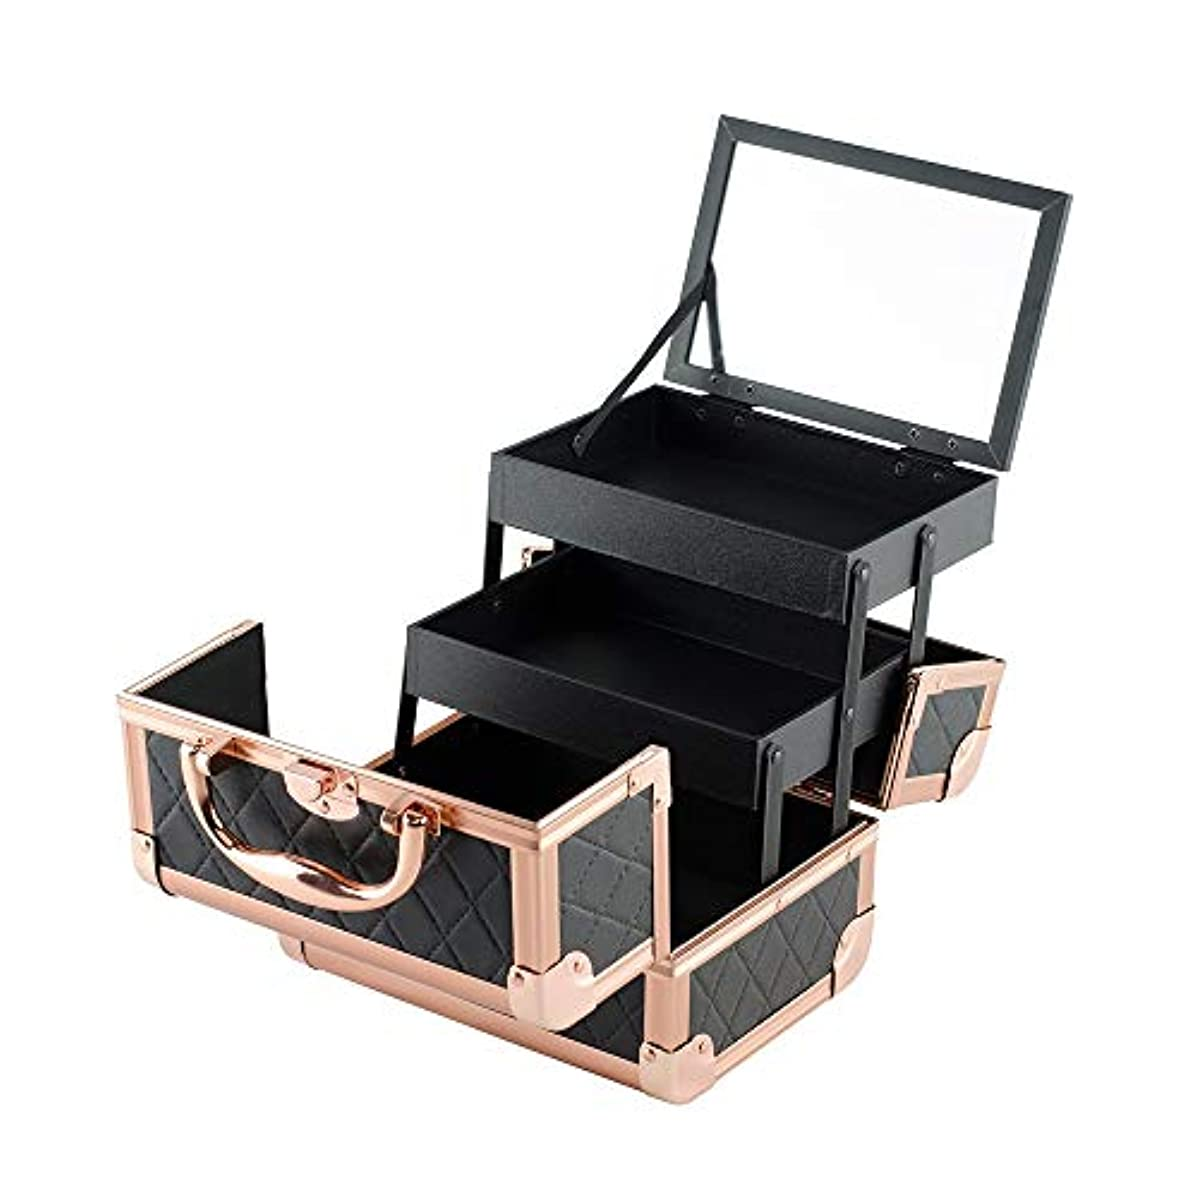 磁器してはいけないラッシュ特大スペース収納ビューティーボックス 化粧トレインボックス大4トレイプロフェッショナルマネージャーボックス - ロックとキーキャリングショルダーストラップとスタジオアーティストとスタイリストピンクのための調節可能なセパレータ...